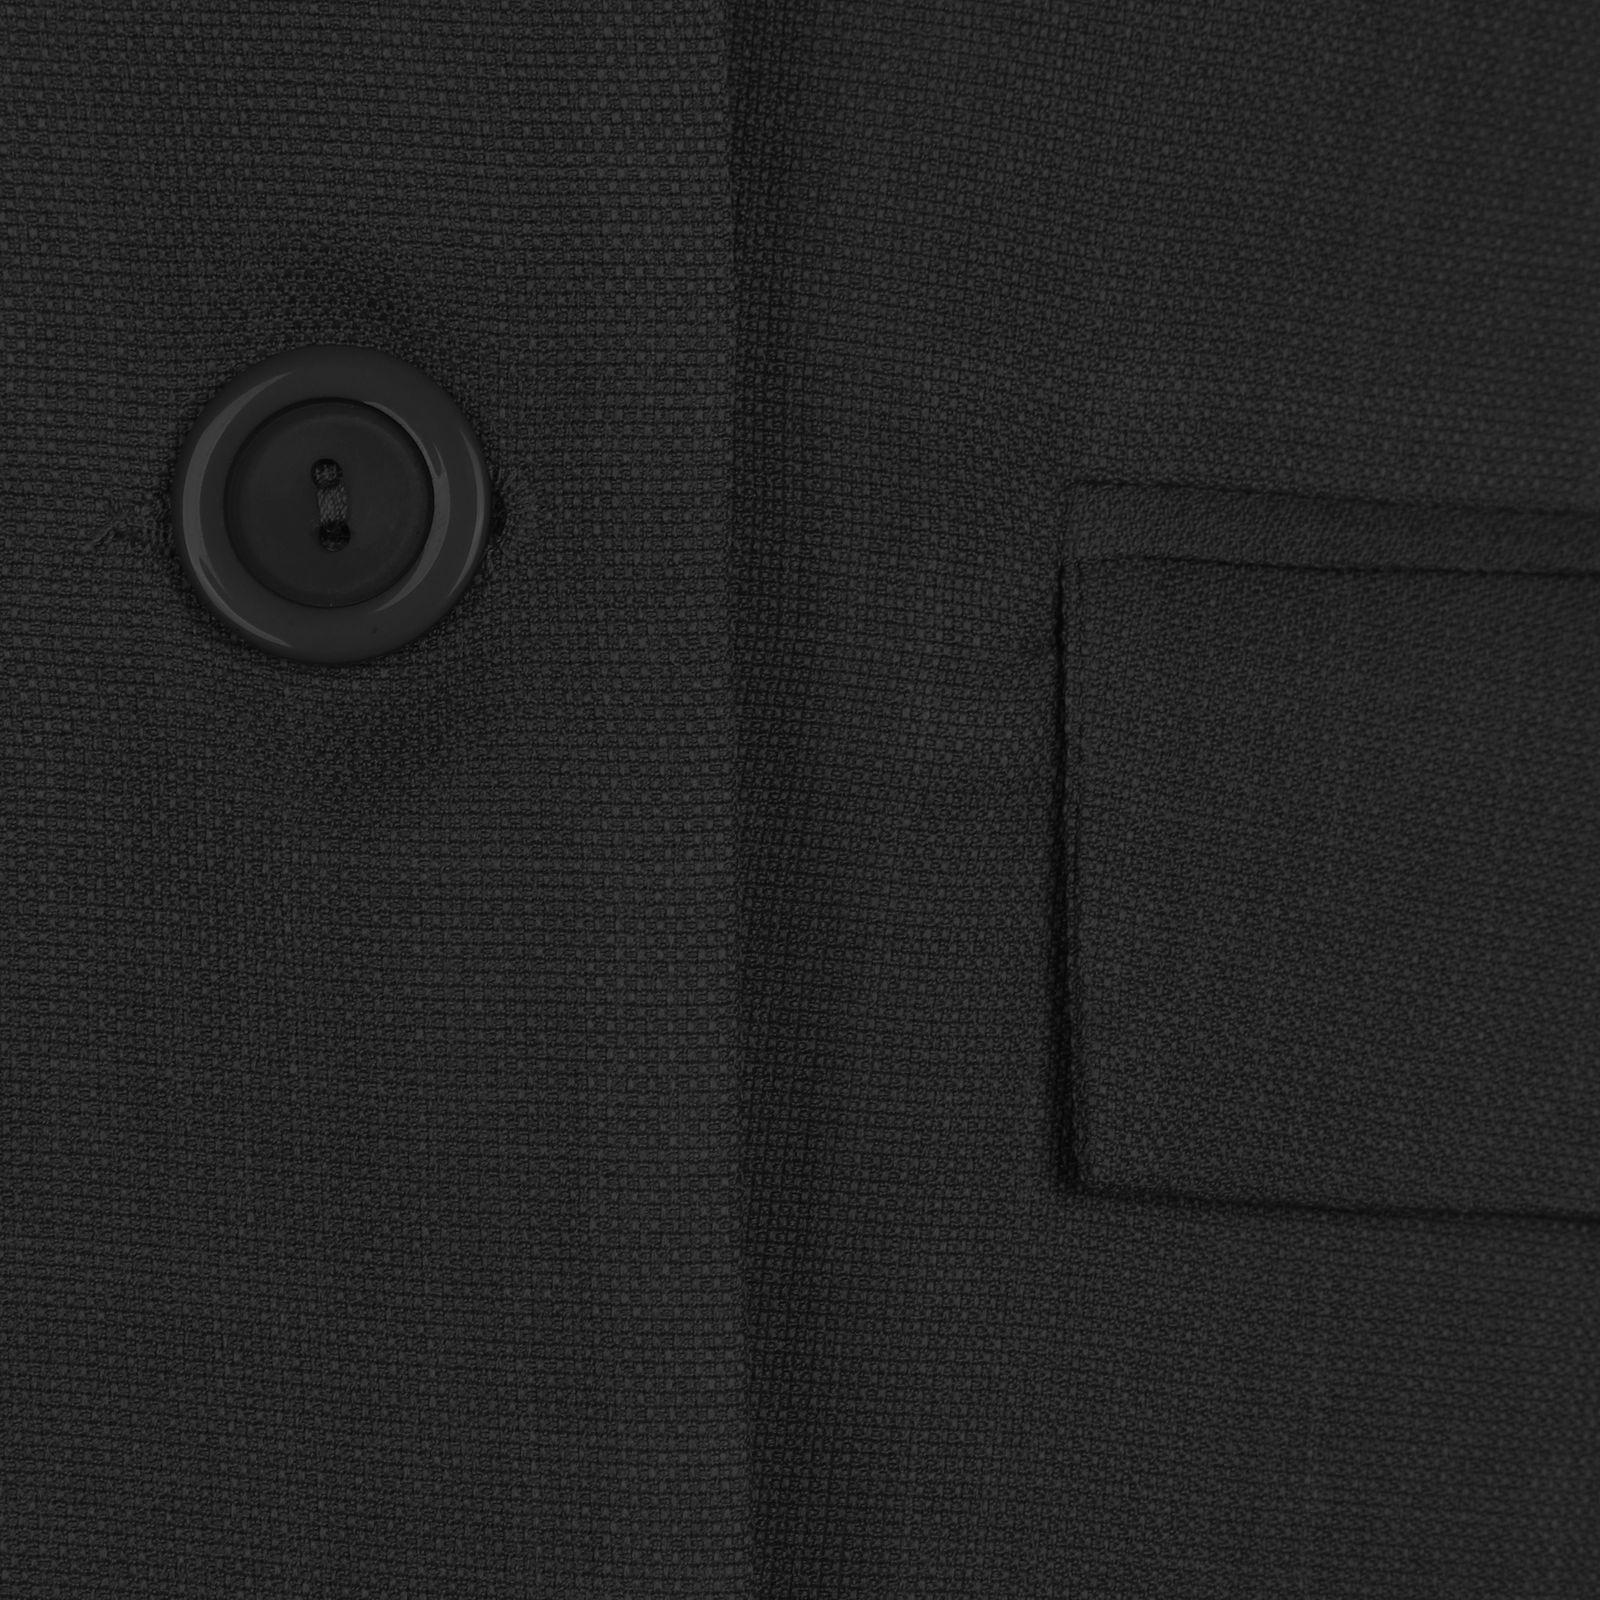 کت زنانه زیبو مدل روکسی کد 01321 -  - 1